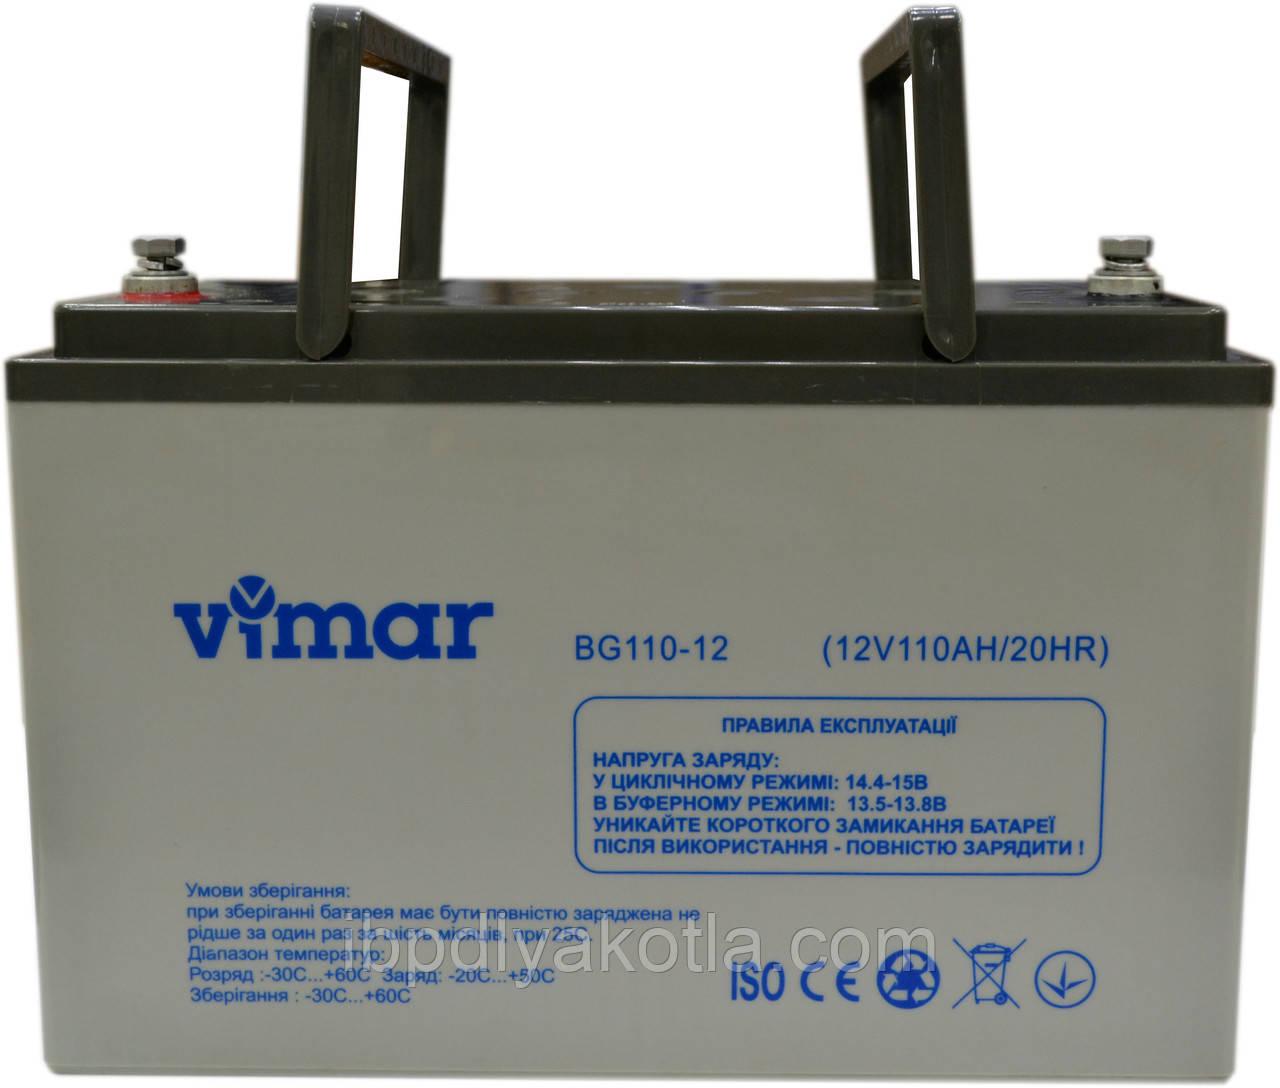 Vimar BG110-12 12В 110AH